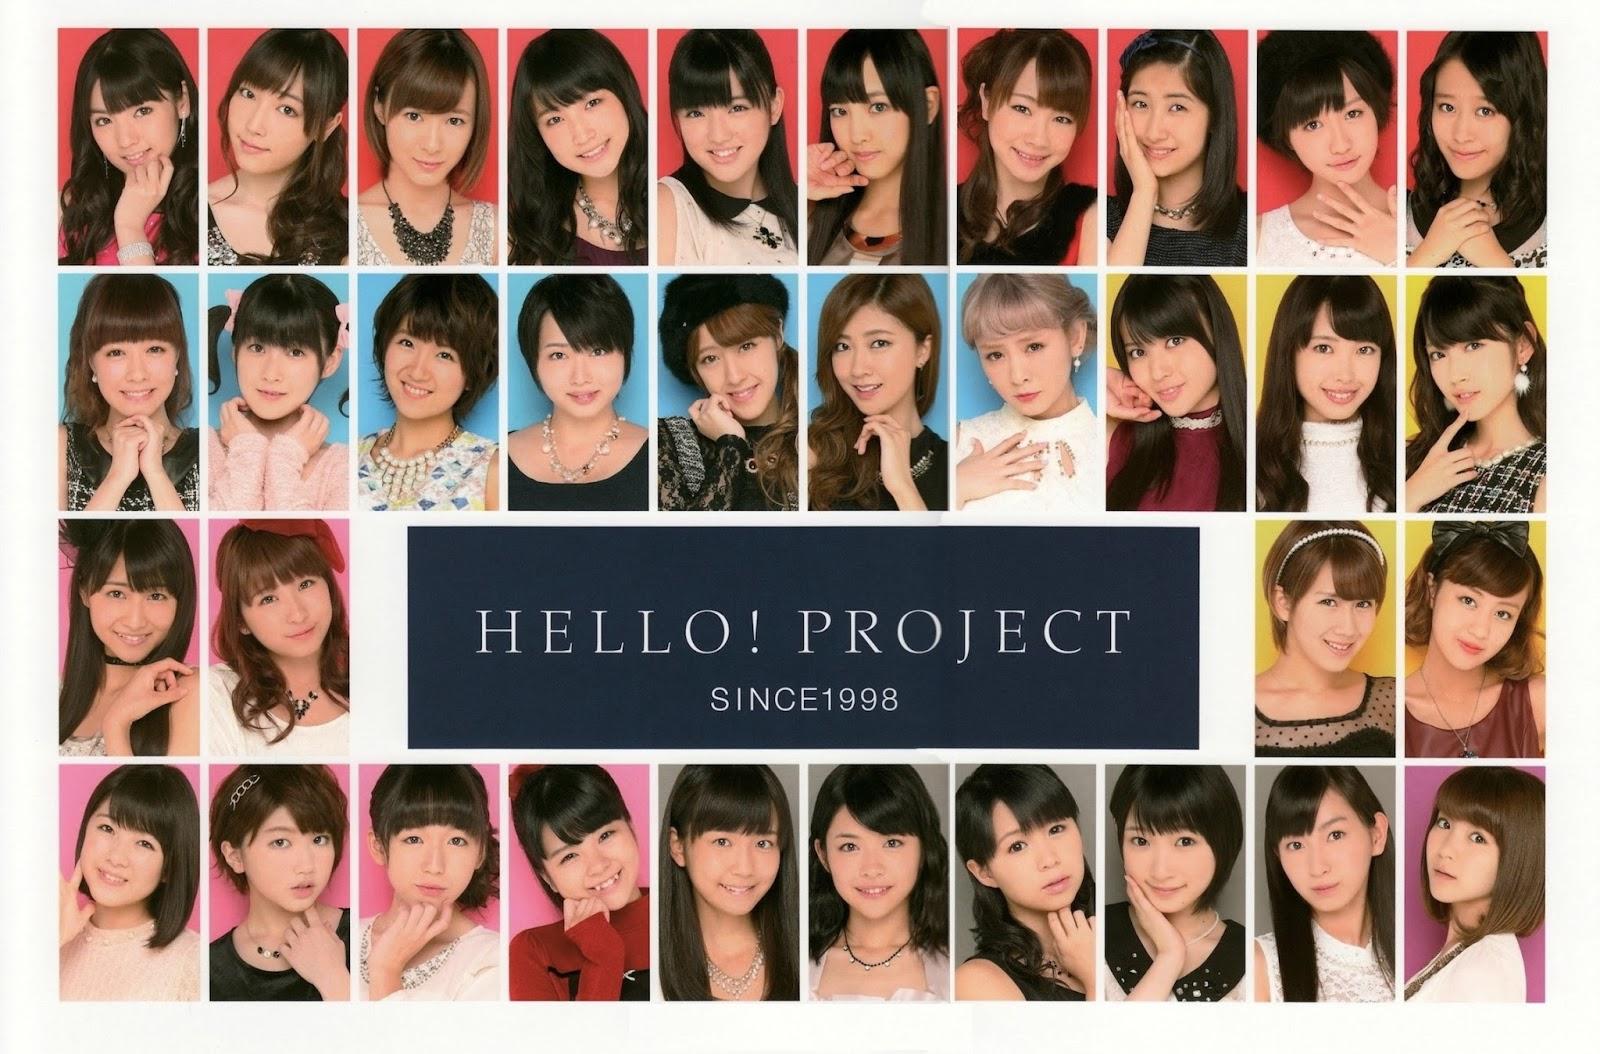 http://2.bp.blogspot.com/-7RMwdMceCZA/UujiDT8JzfI/AAAAAAAAH_o/R7juOQ2U_xI/s1600/Hello_Project-436853.jpg